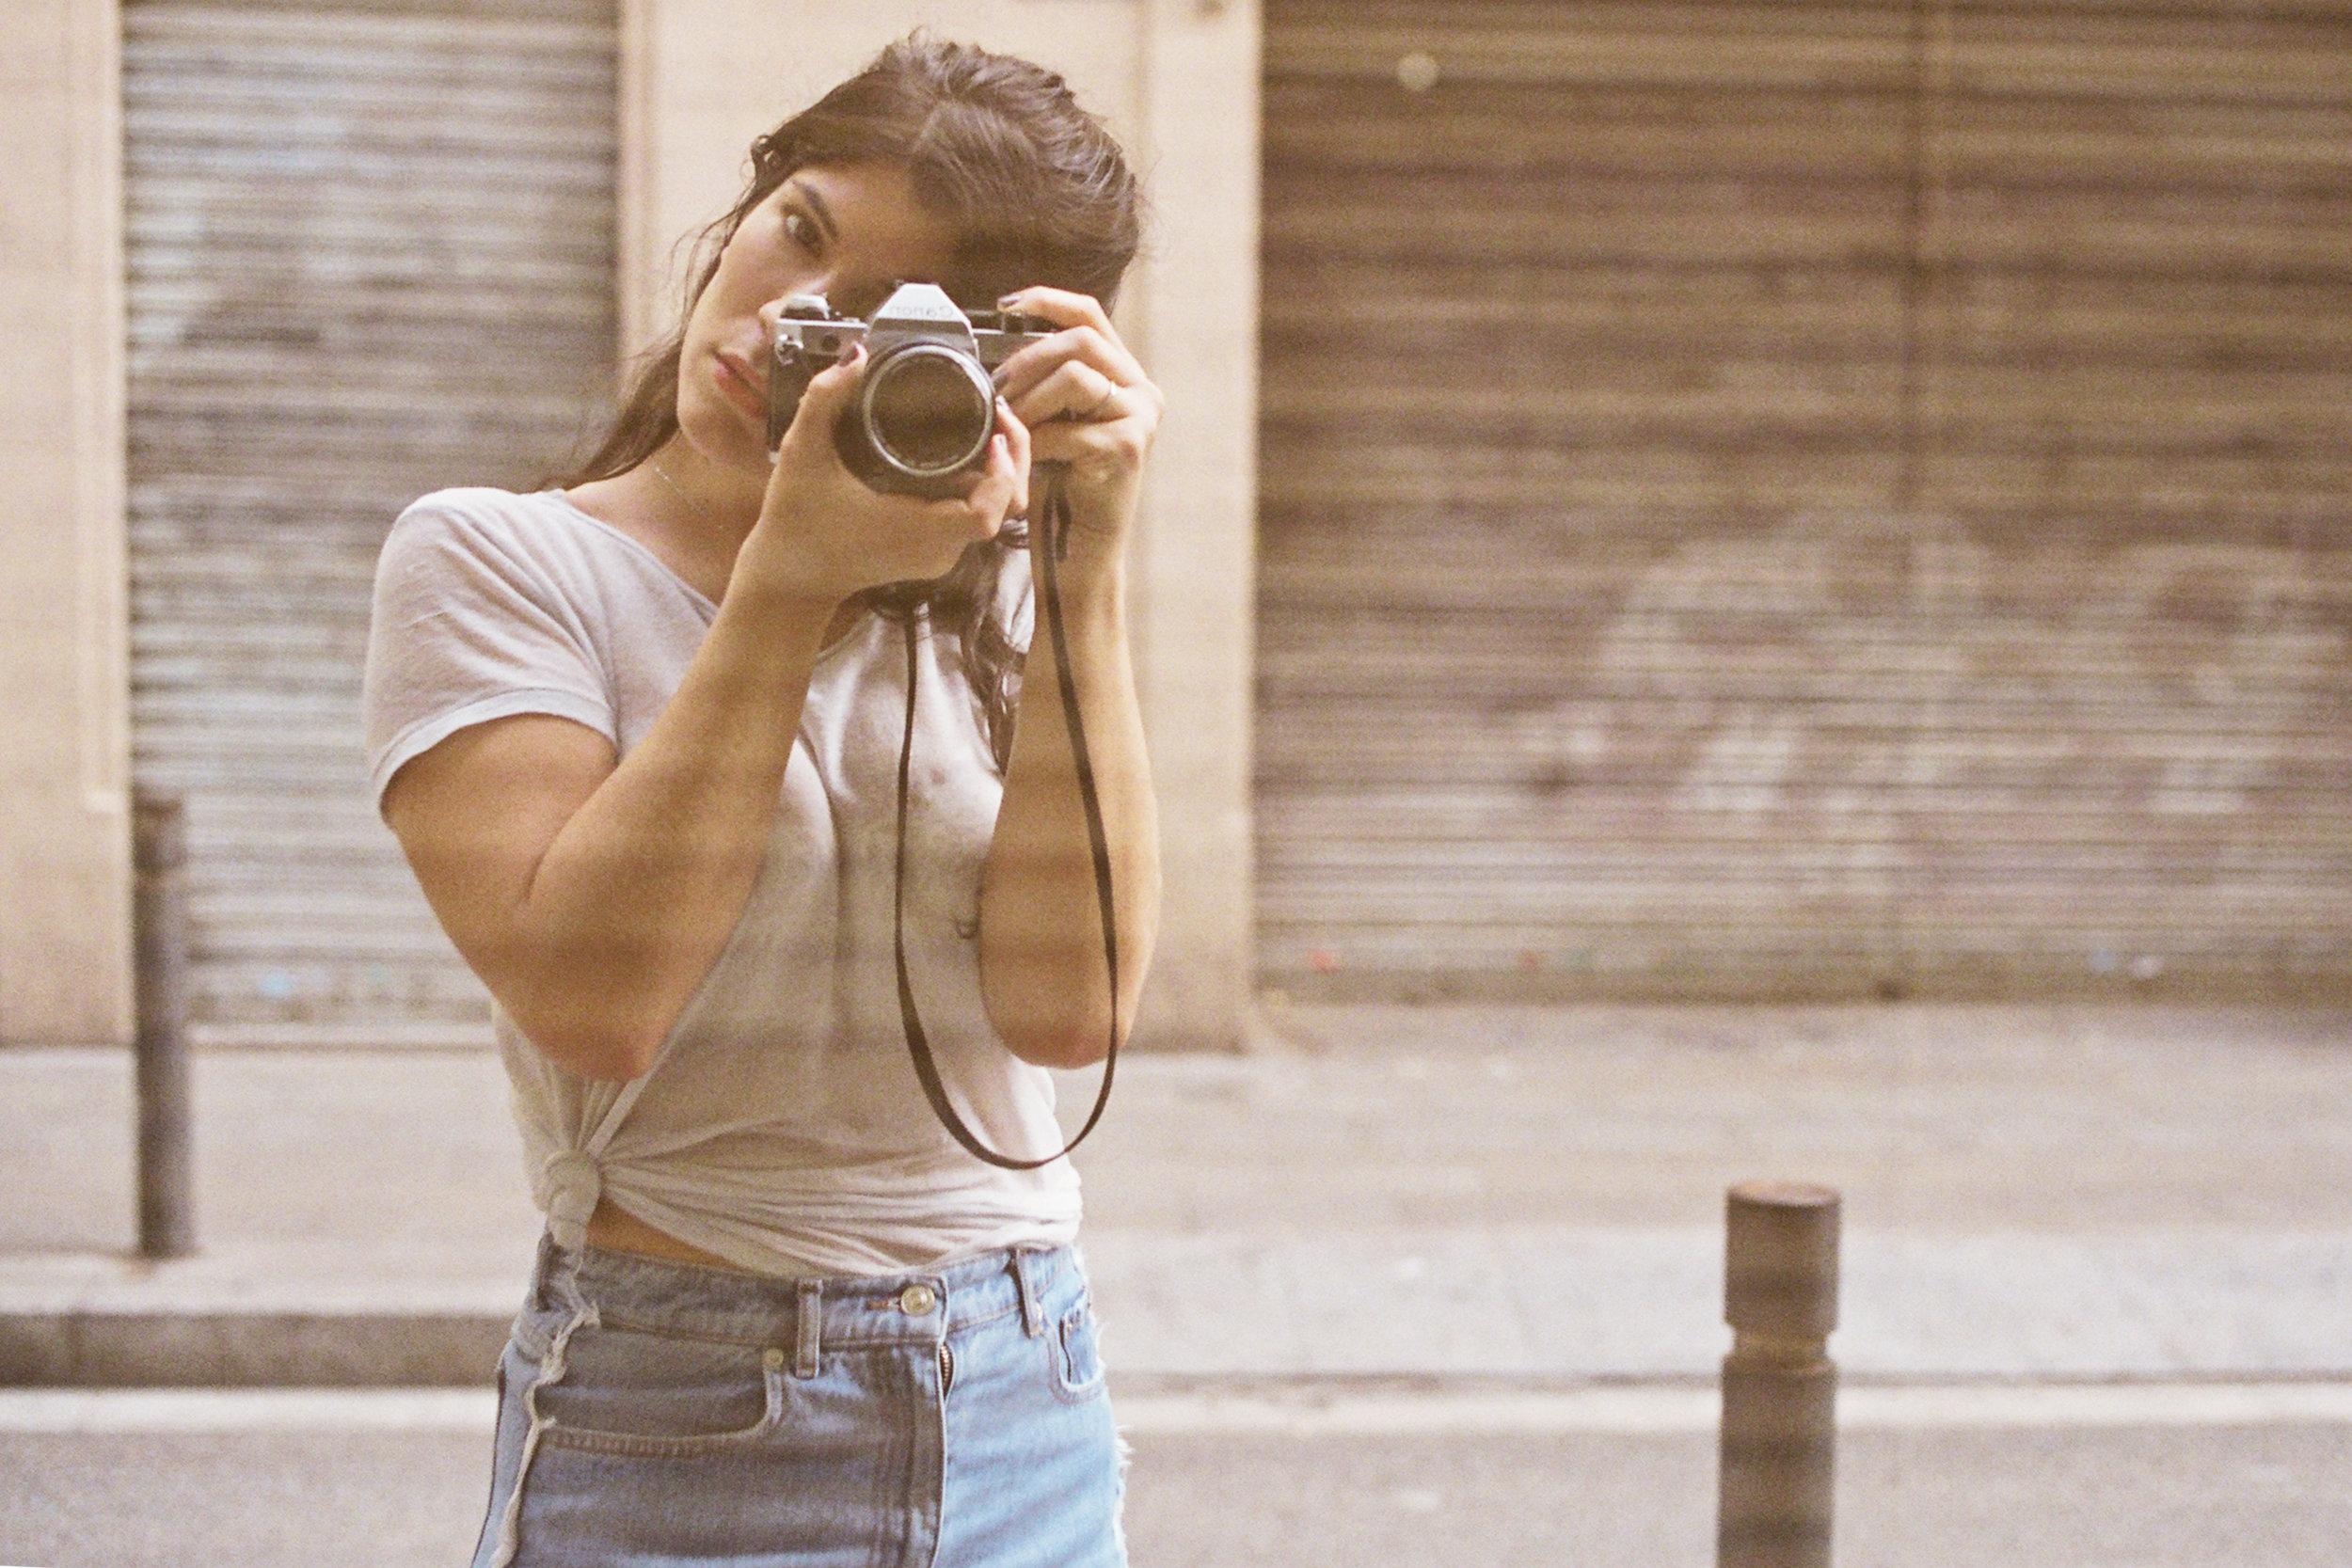 Christina-Arza-Self-Portrait-Barcelona